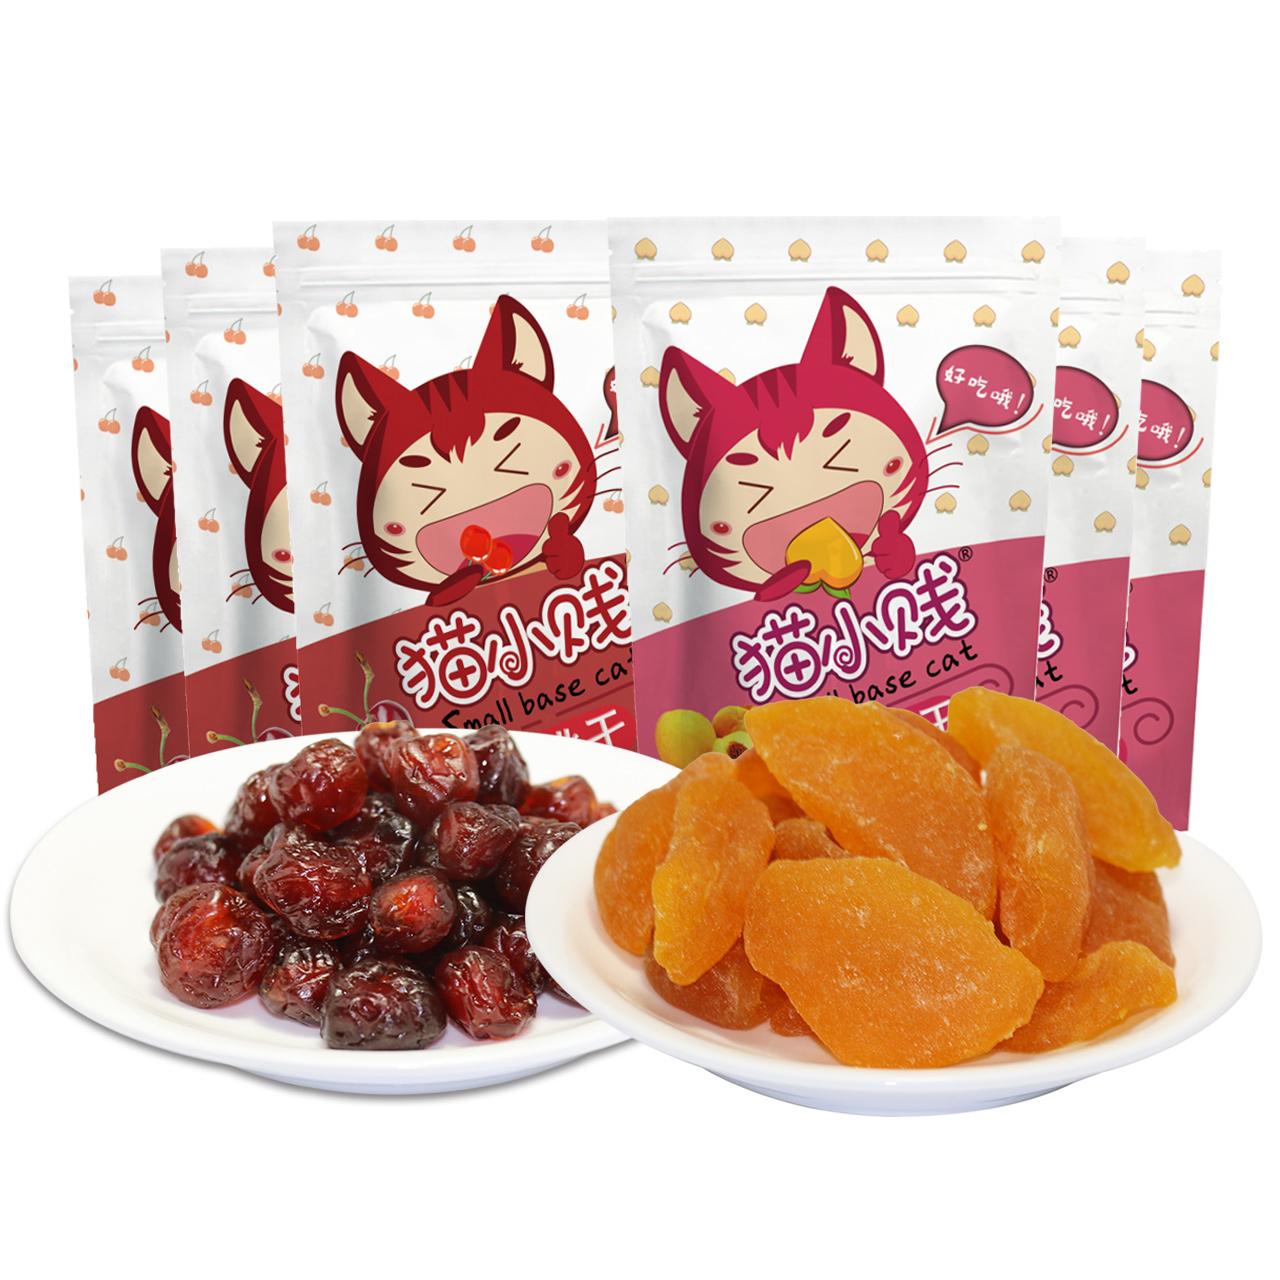 猫小贱黄桃干樱桃干50g*6袋 开袋即食休闲果干蜜饯果脯果肉零食